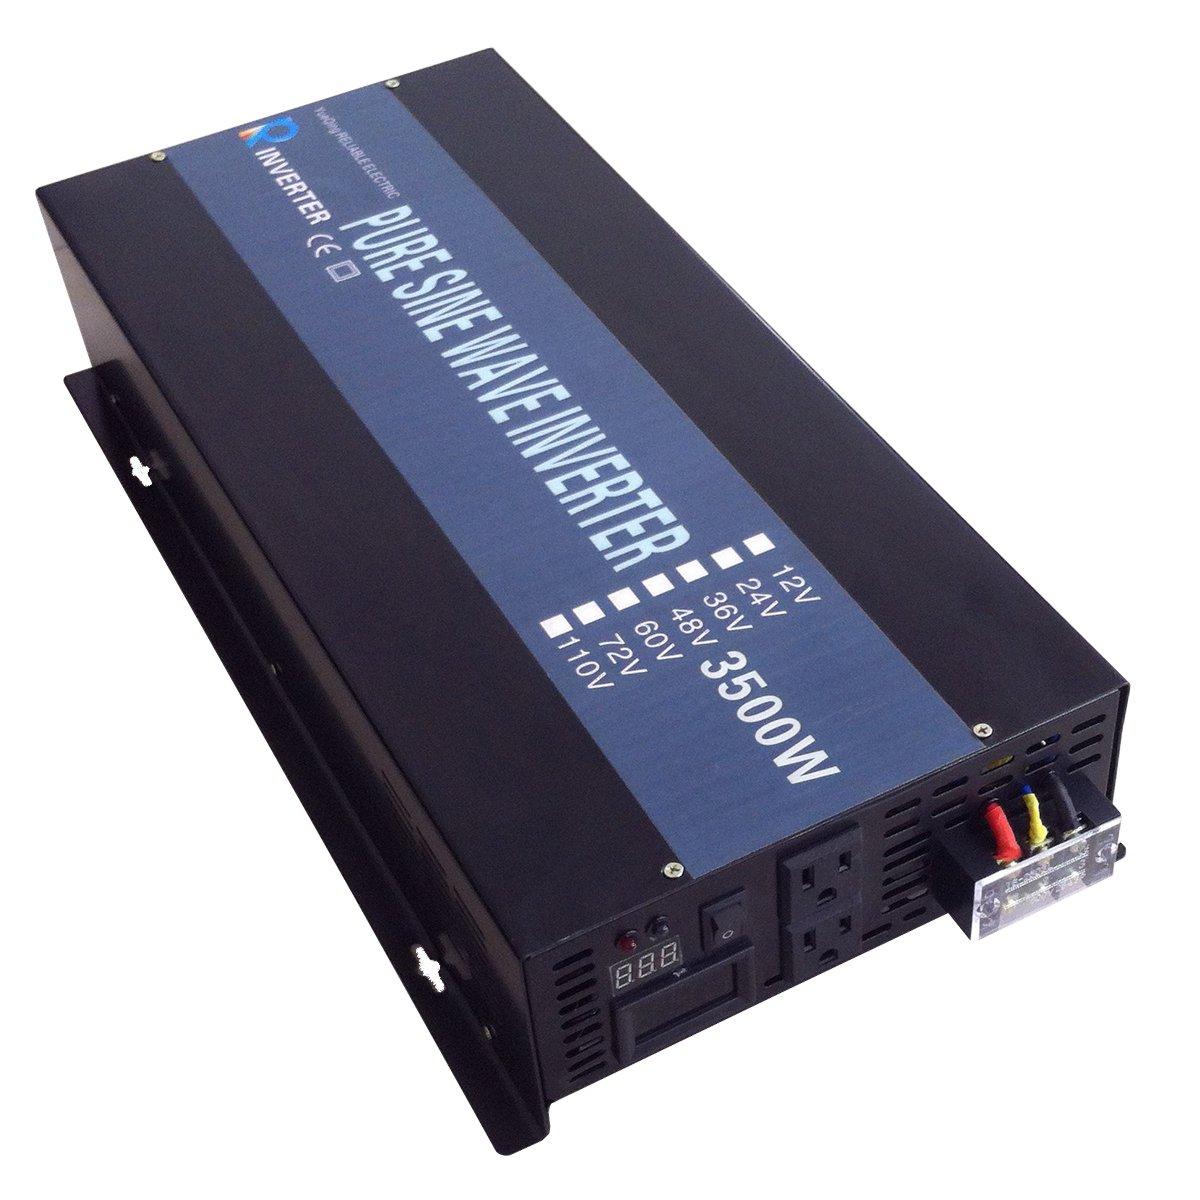 Black 3500W12V WZRELB RBP350012 Power Inverter